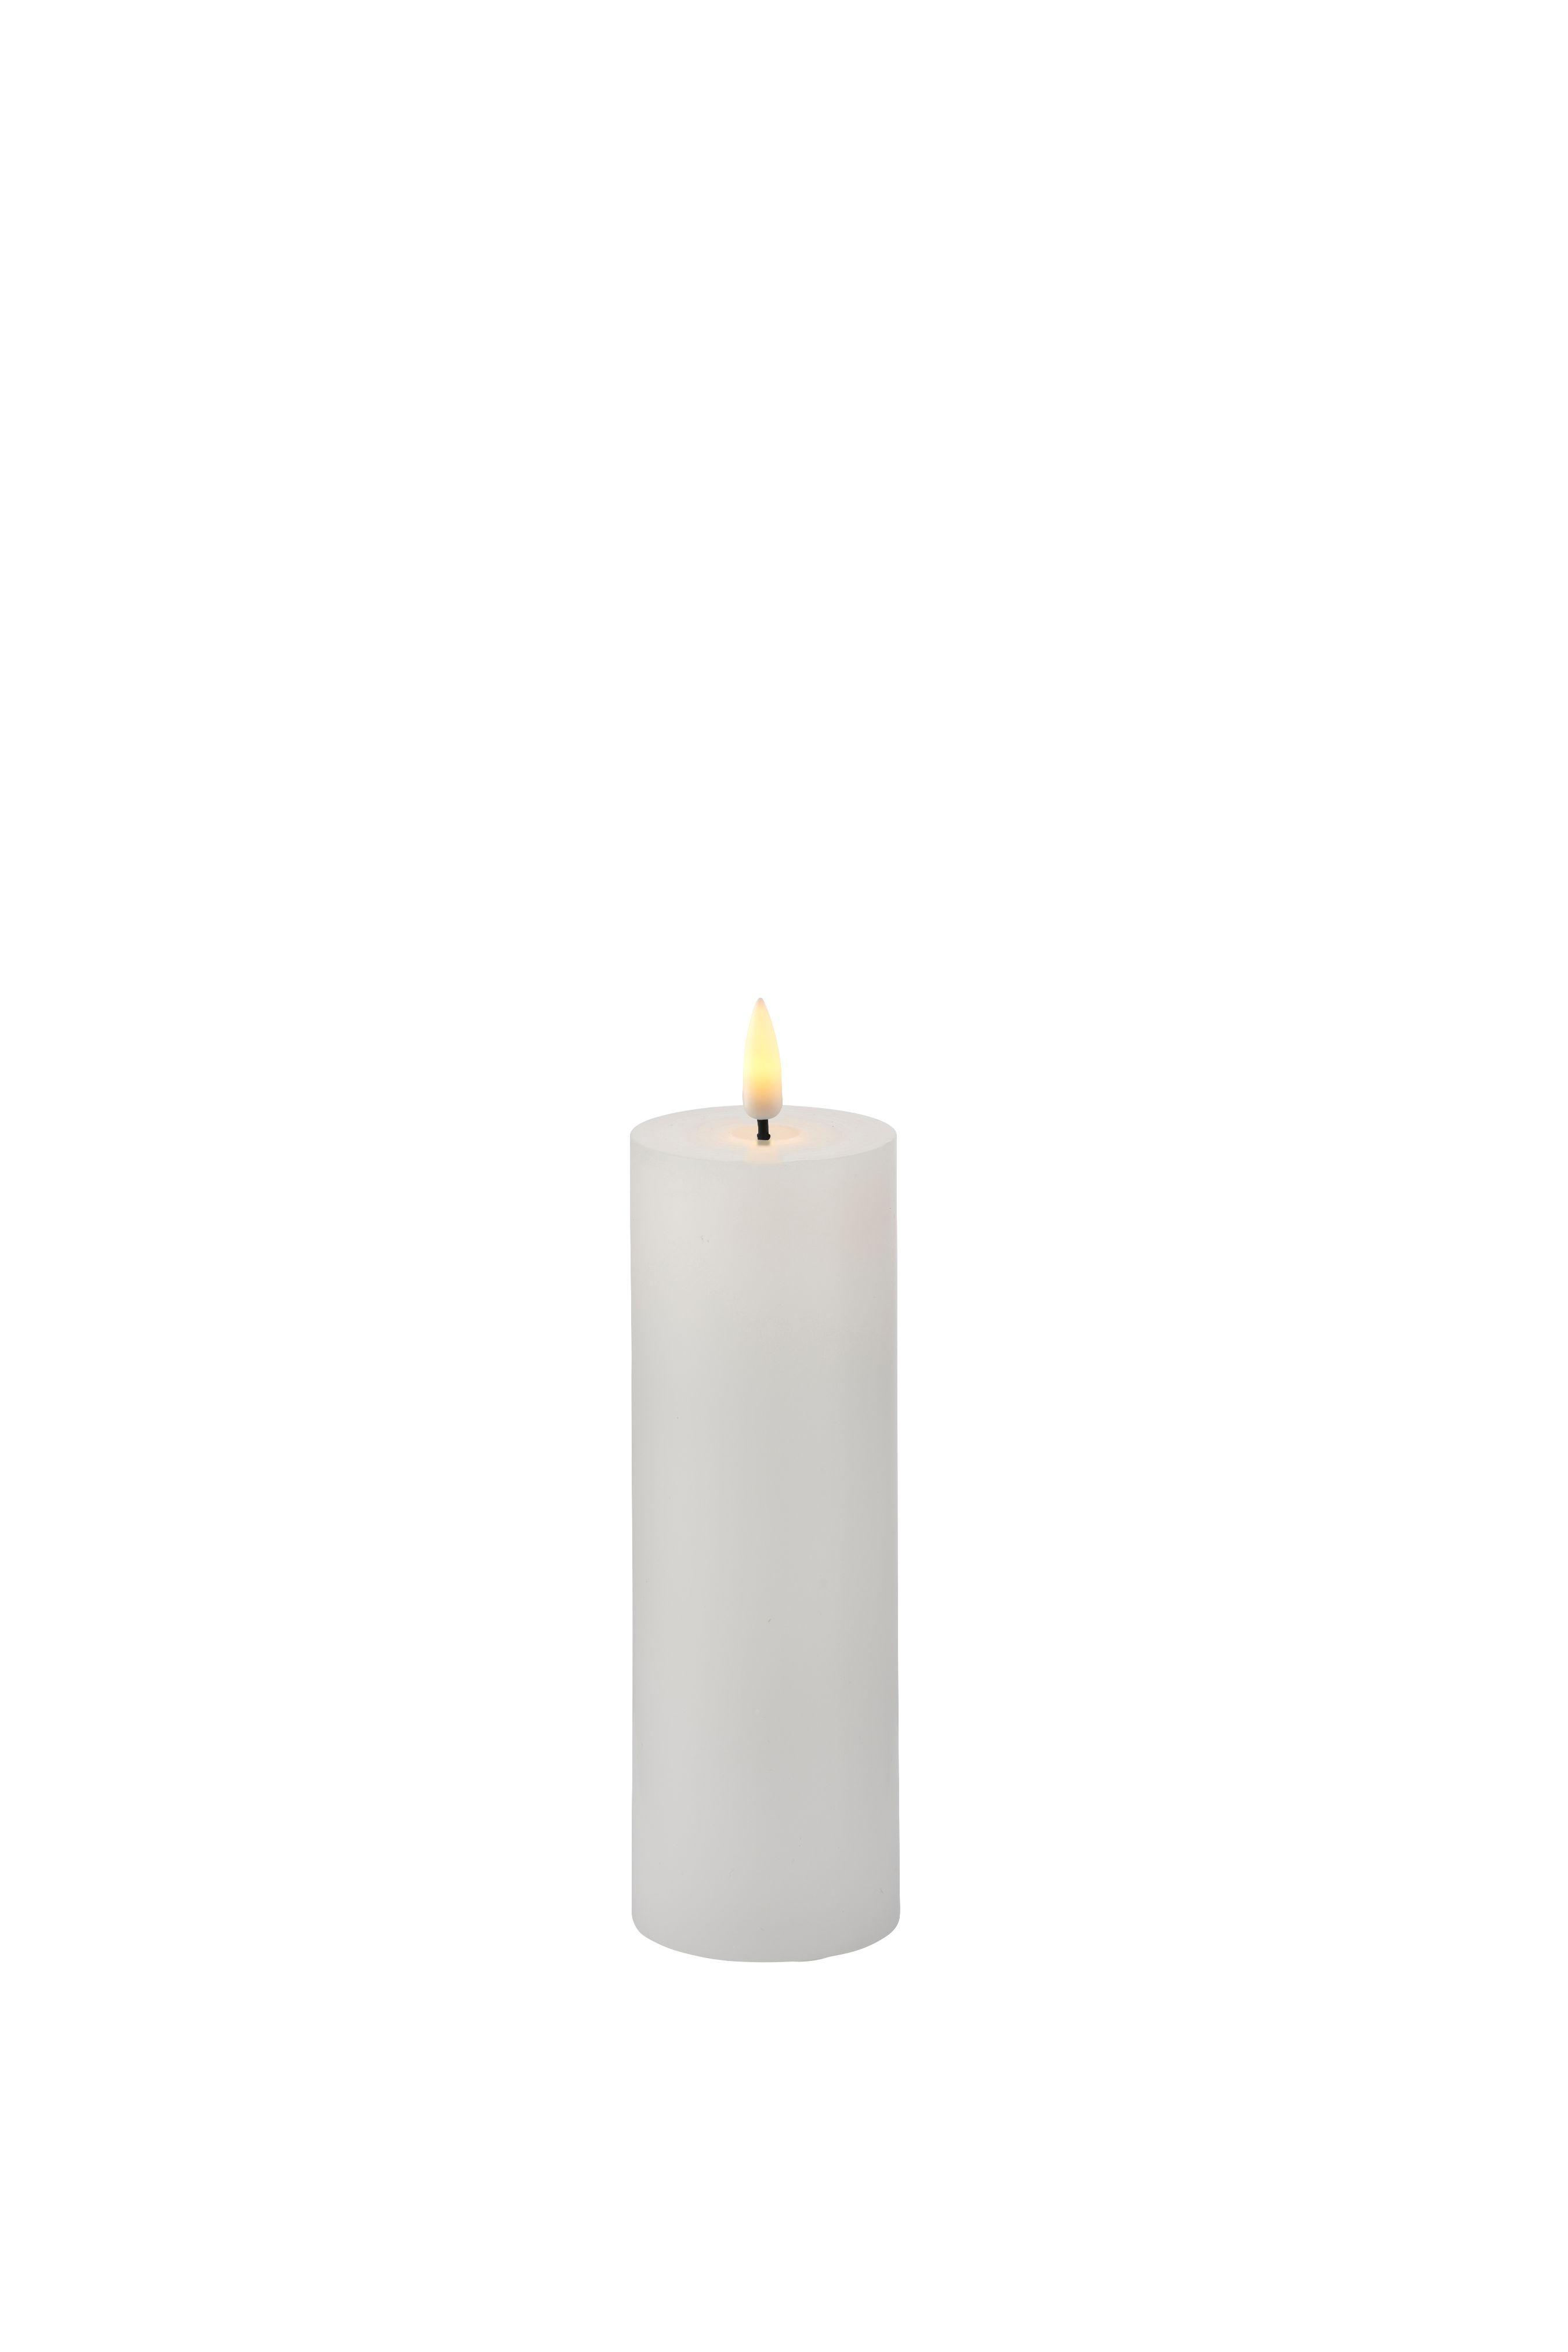 Sirius Sille Exclusive lys, 5x15 cm, hvid